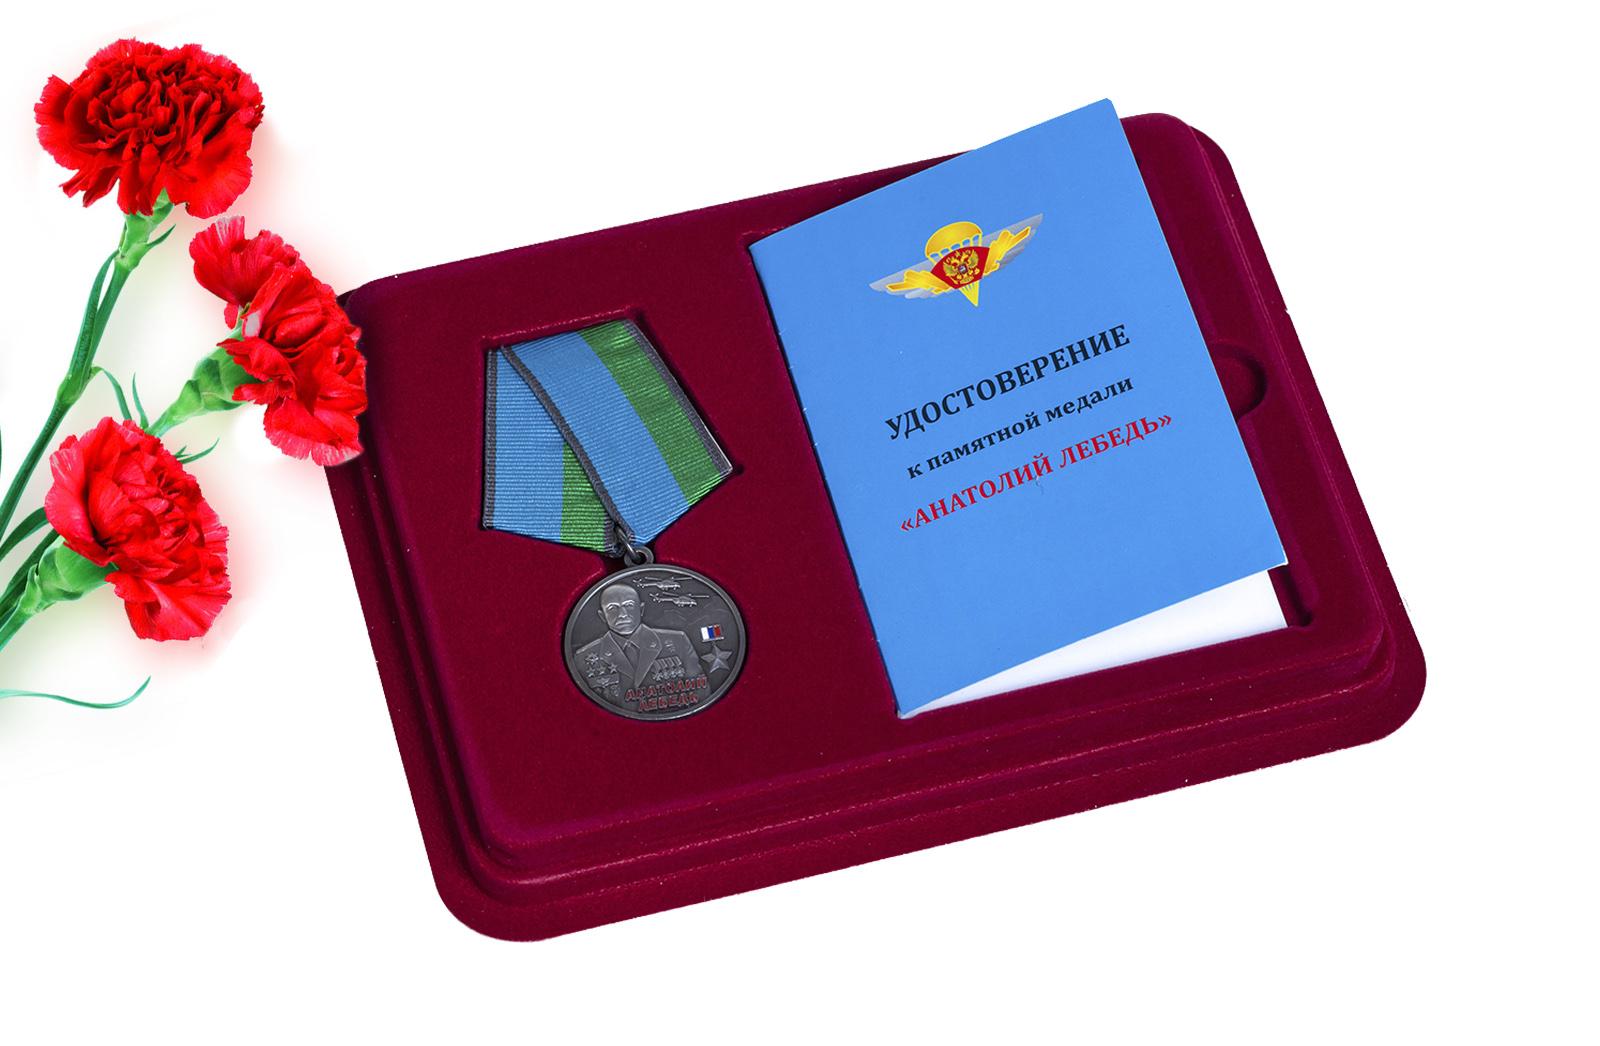 Купить медаль ВДВ Анатолий Лебедь в футляре с удостоверением оптом